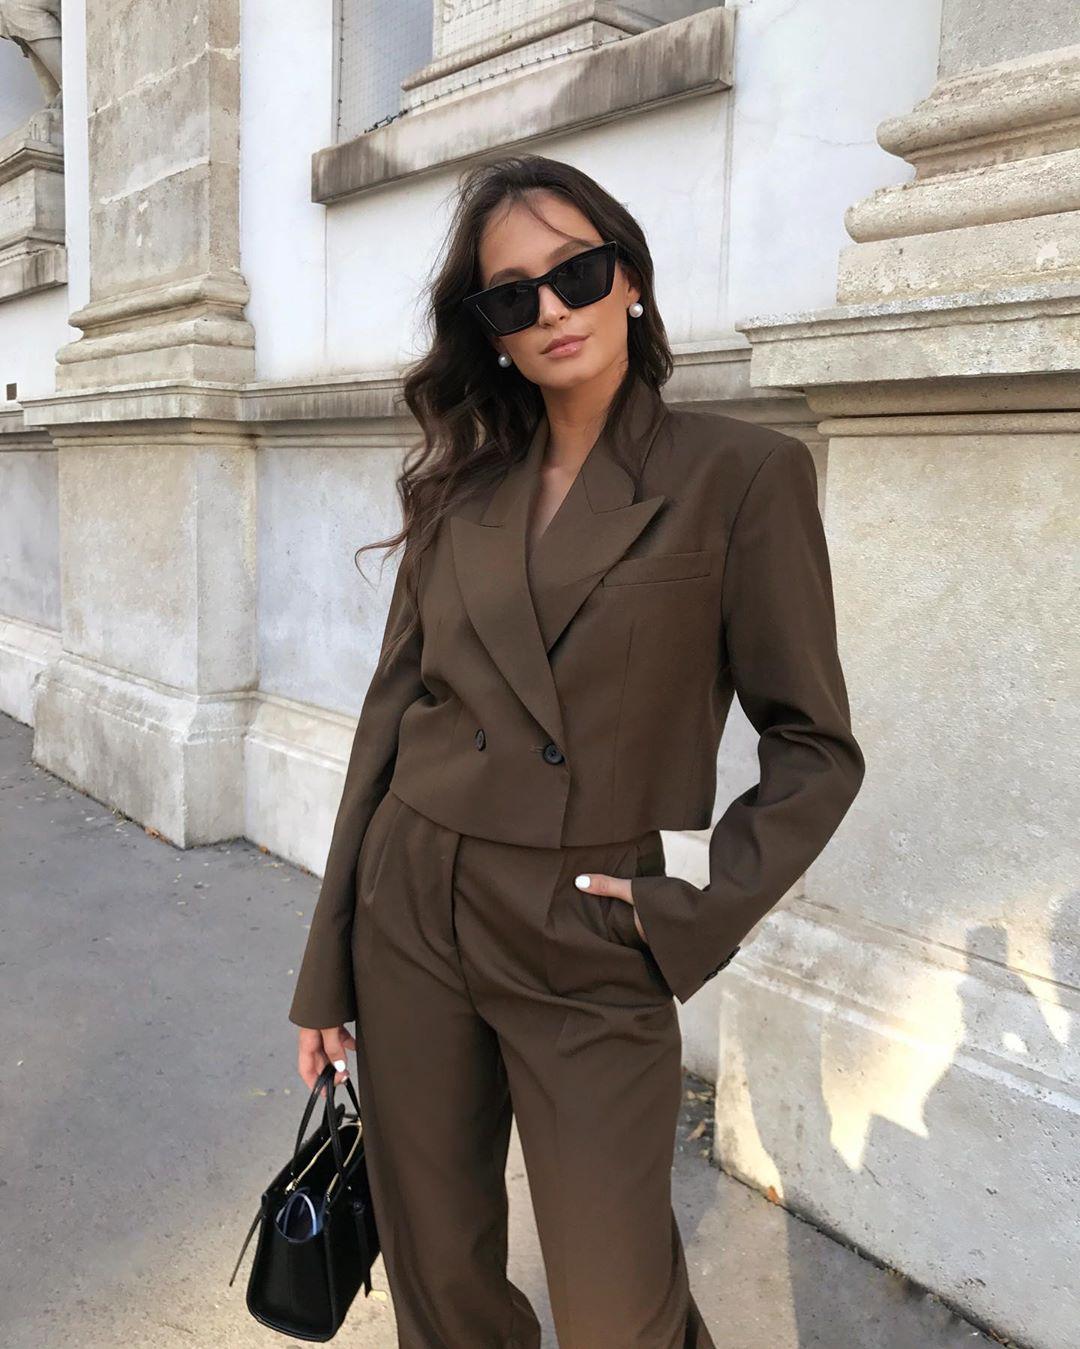 crossover breasted short jacket de Zara sur majamarko7